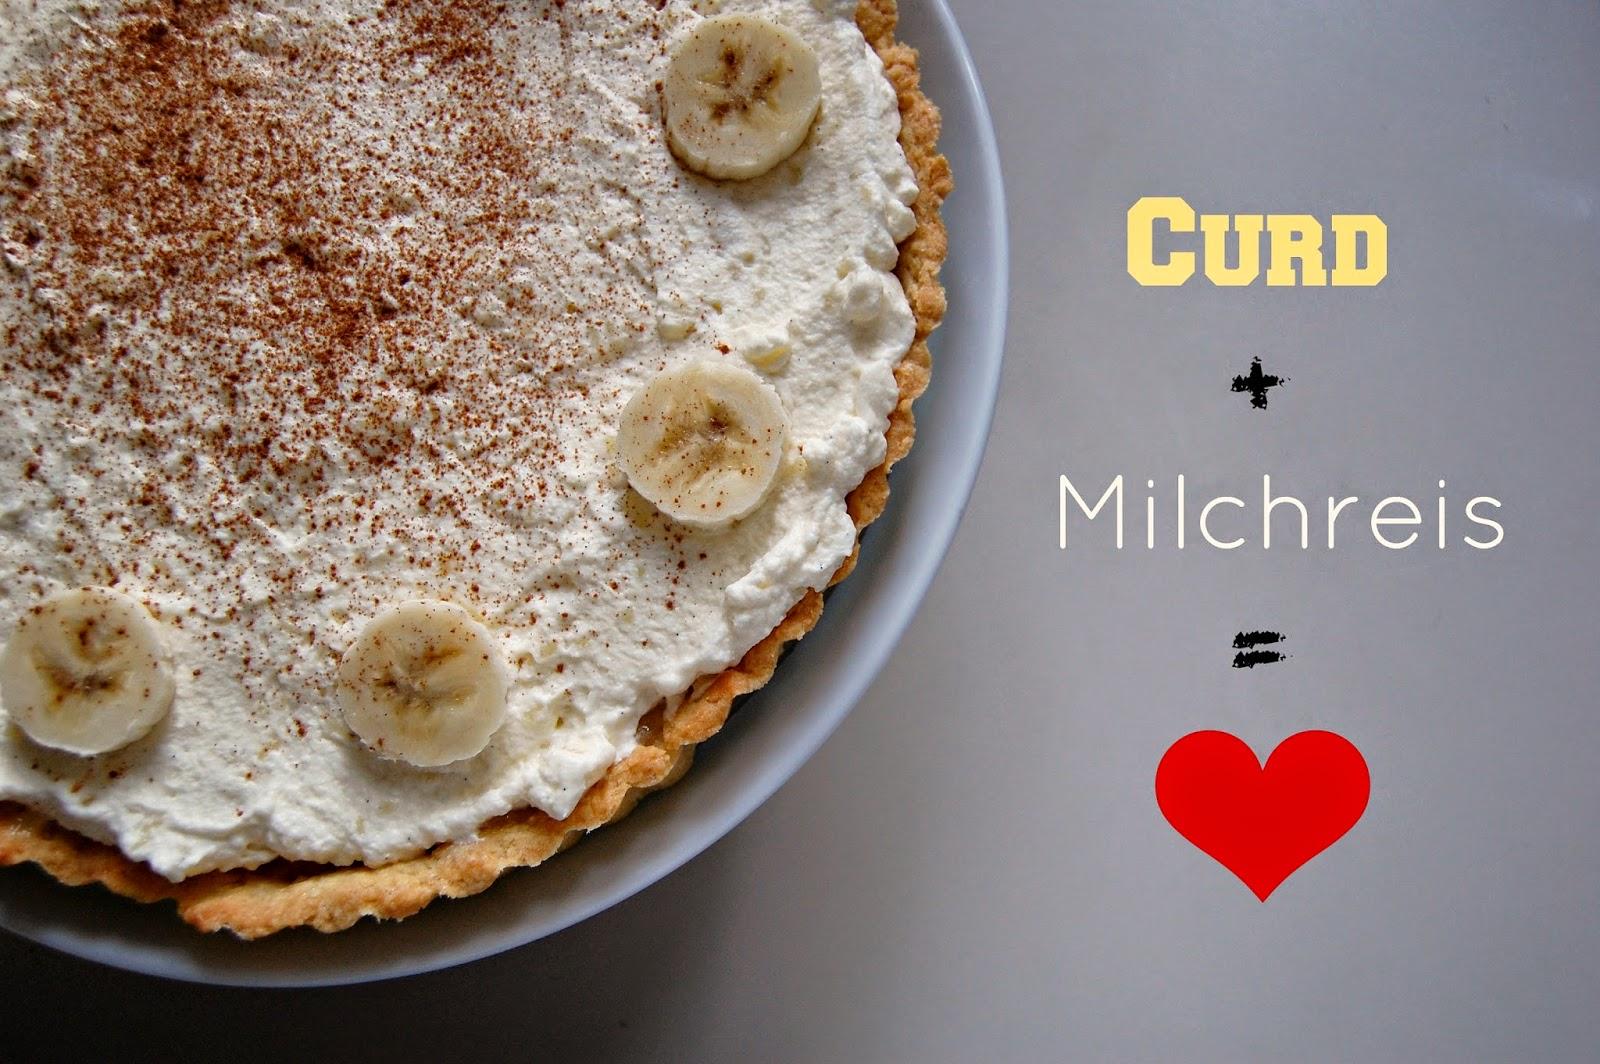 Milchreis, Tarte, Curd, Milch, Reis, Milchreistarte, Backen, baking, Bakery, Foodblogger, Food, Dessert, Kipferl und Krapferl, lecker, yummy, Bananas, Banane